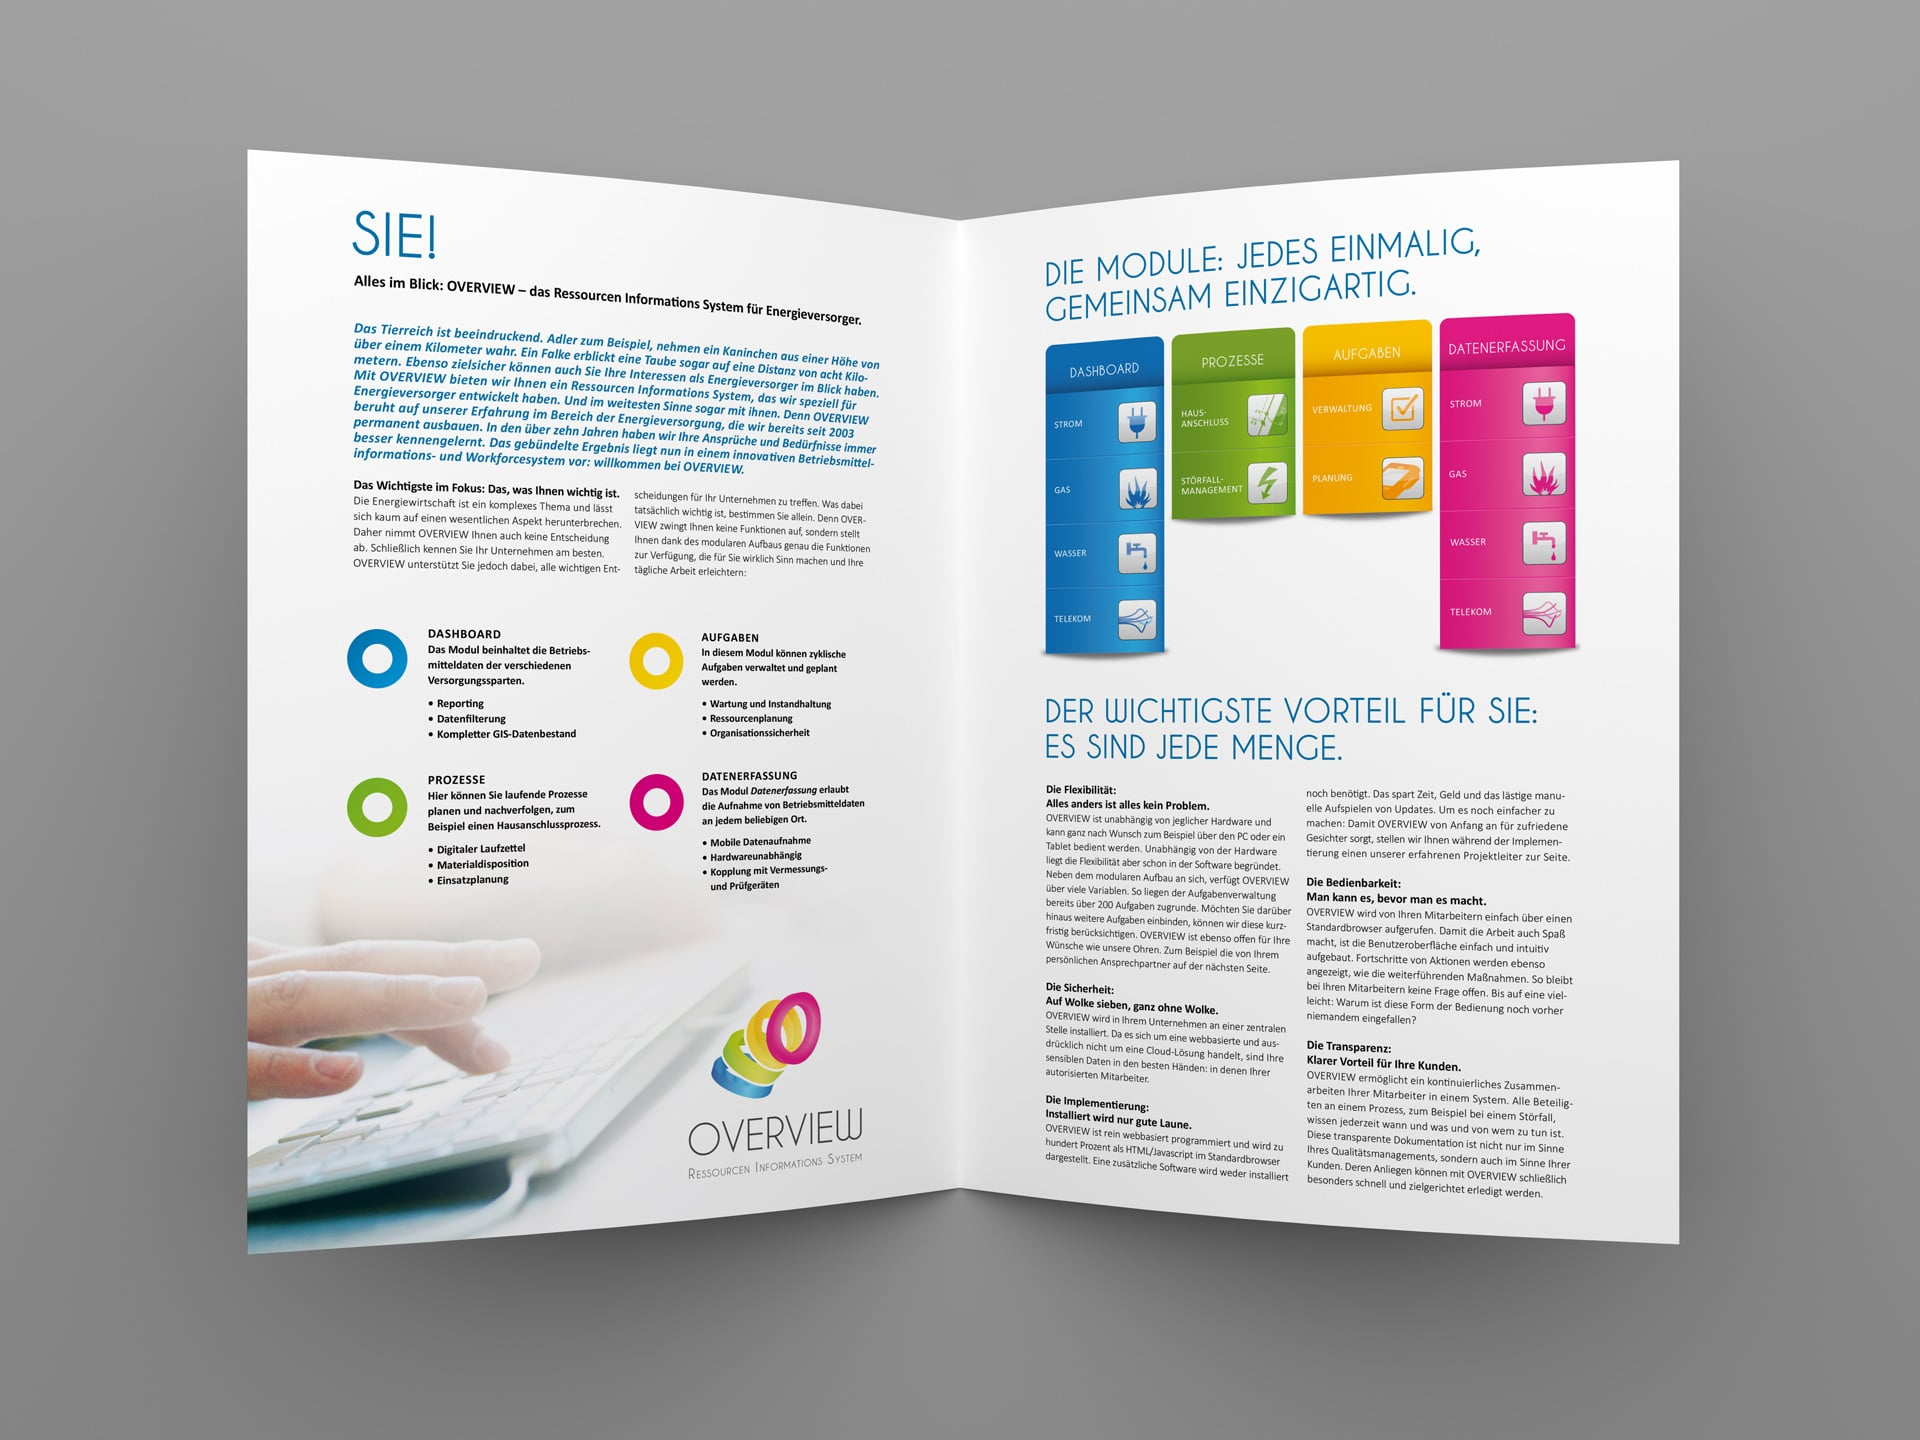 atrios flyer 02 - Werbung auf das Wesentliche fokussiert – Corporate Design, Grafikdesign, Kommunikationsdesign, Editorial Design